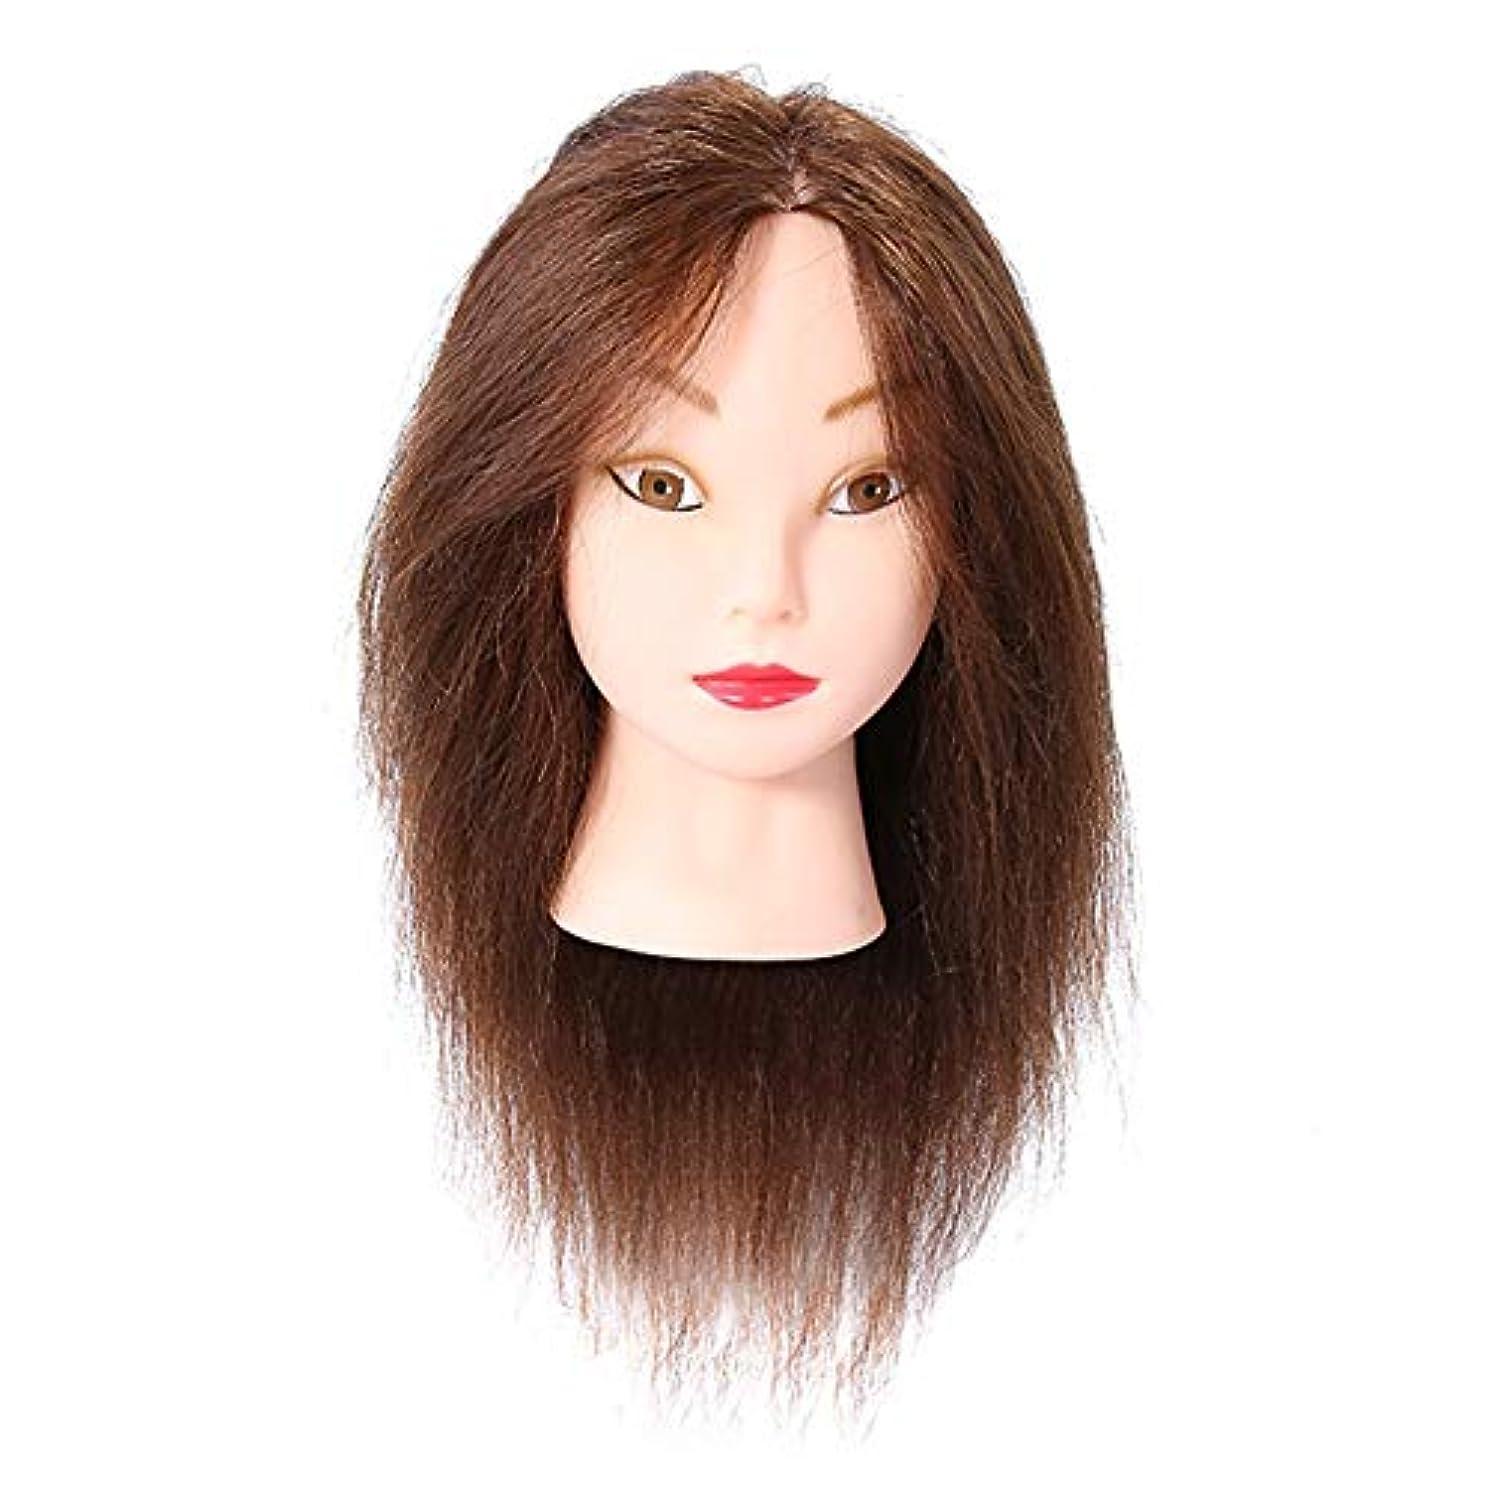 美的余暇どうしたのヘアトレーニングヘッド、練習用ヘアスタイリングプラクティス ヘアドレッシング かつらマネキン